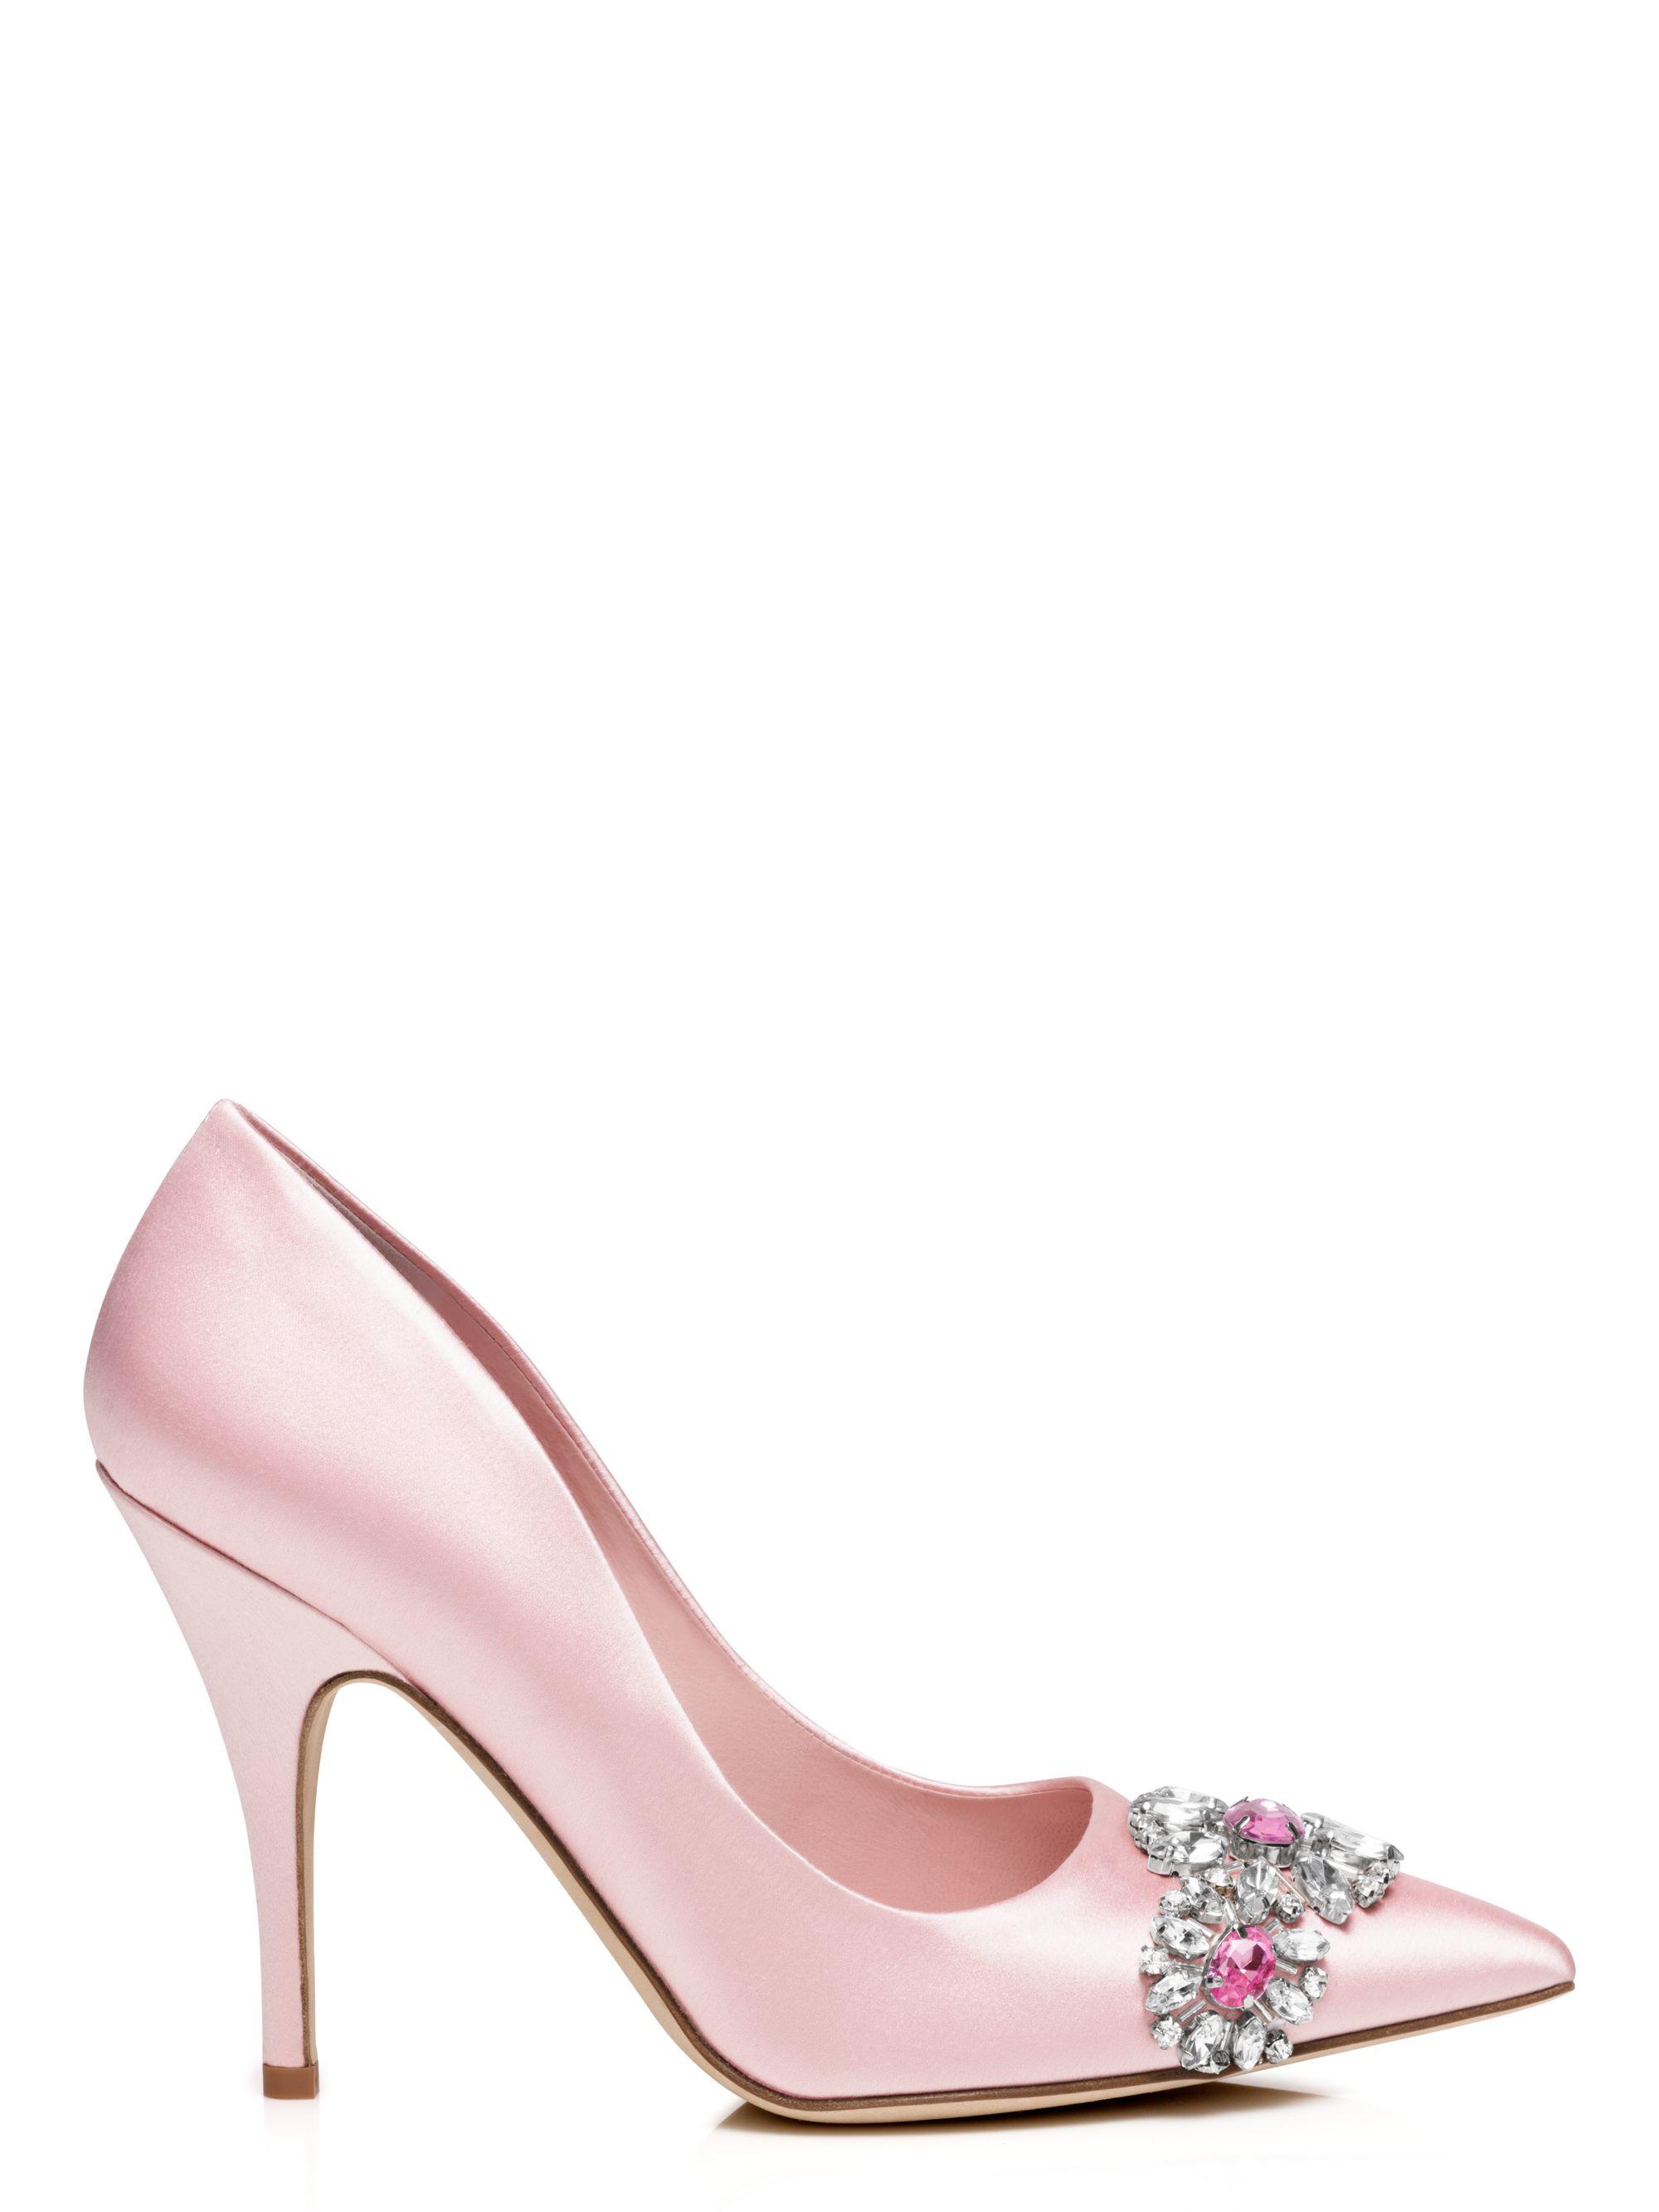 4032fd39e7c2 Kate spade new york larsa heels in pink lyst jpg 2000x2666 Kate spade lynne  heels